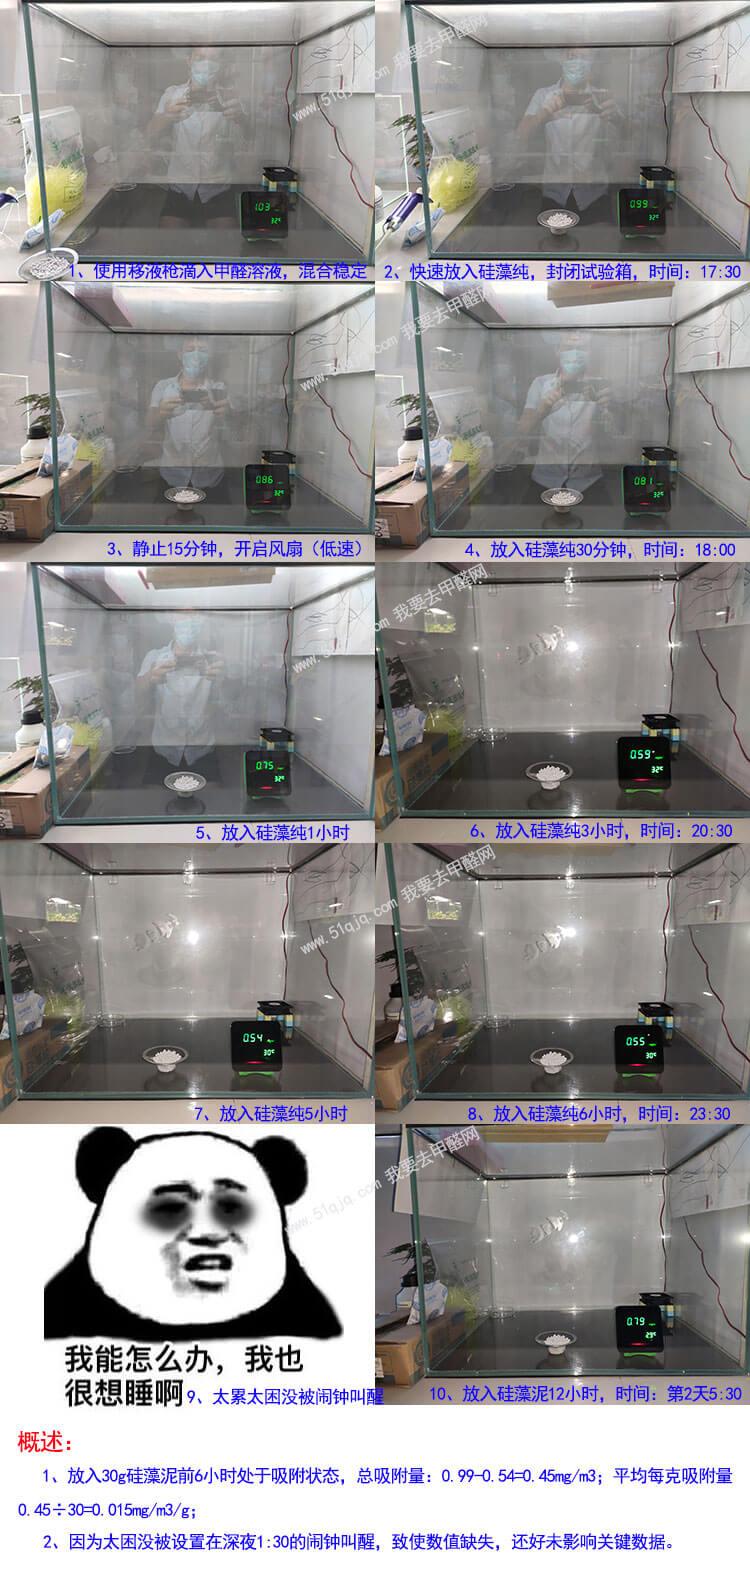 南林硅藻纯除甲醛试验过程组图